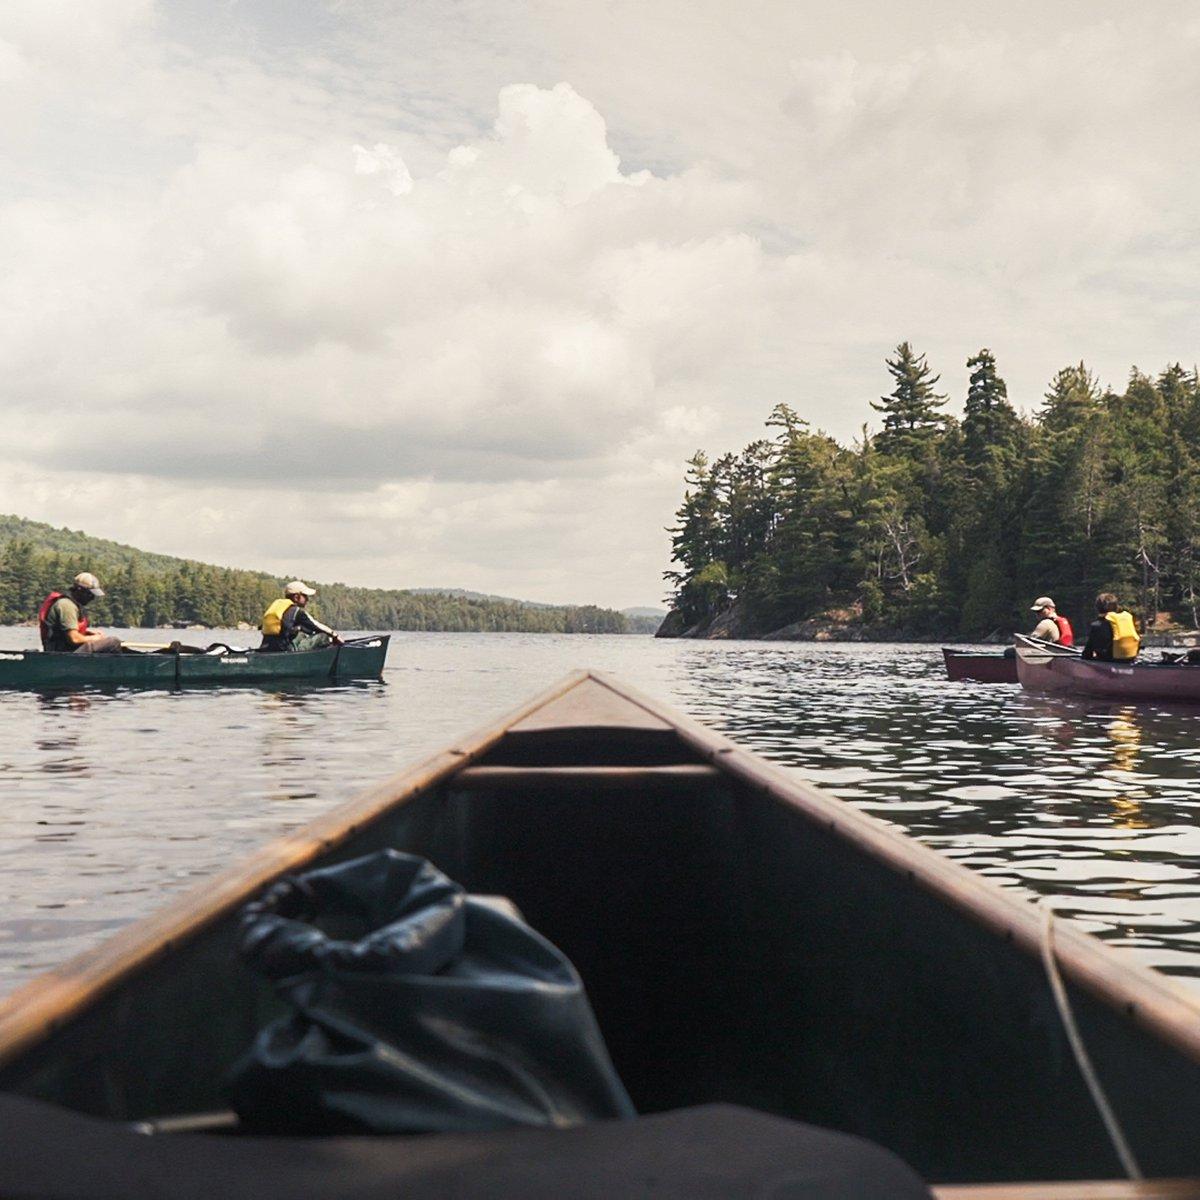 Canoeing in the Adirondacks